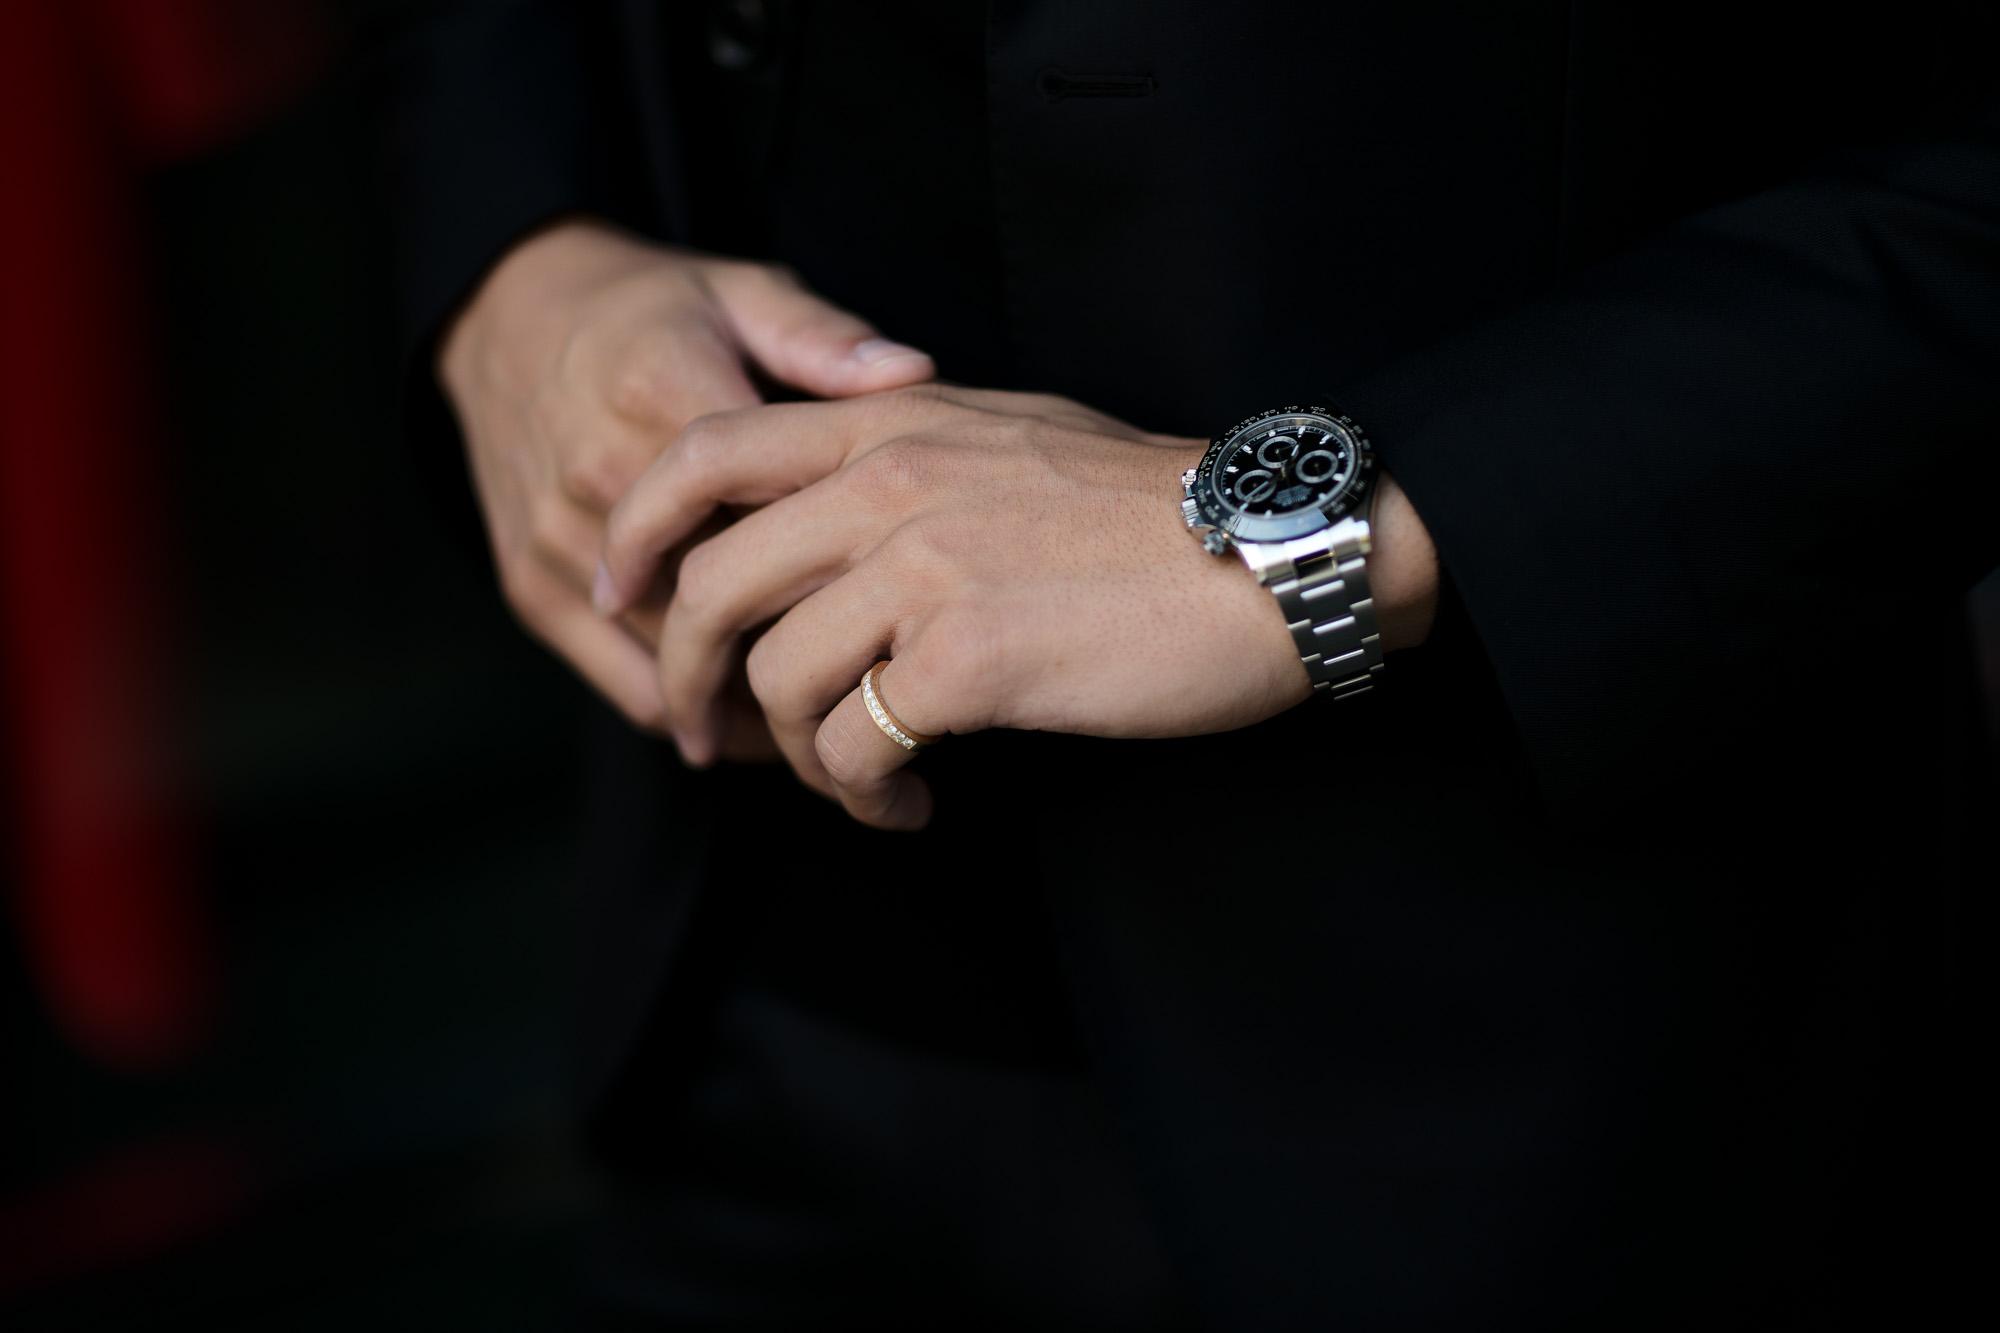 Georges de Patricia(ジョルジュ ド パトリシア) Wraith(レイス) 18K GOLD(18K ゴールド) WHITE DIAMOND(ホワイトダイヤモンド) ピンキーリング 2019 秋冬 georgesdepatricia ジョルジュドパトリシア altoediritto アルトエデリット リング 指輪 18金 アクセサリー 愛知 名古屋